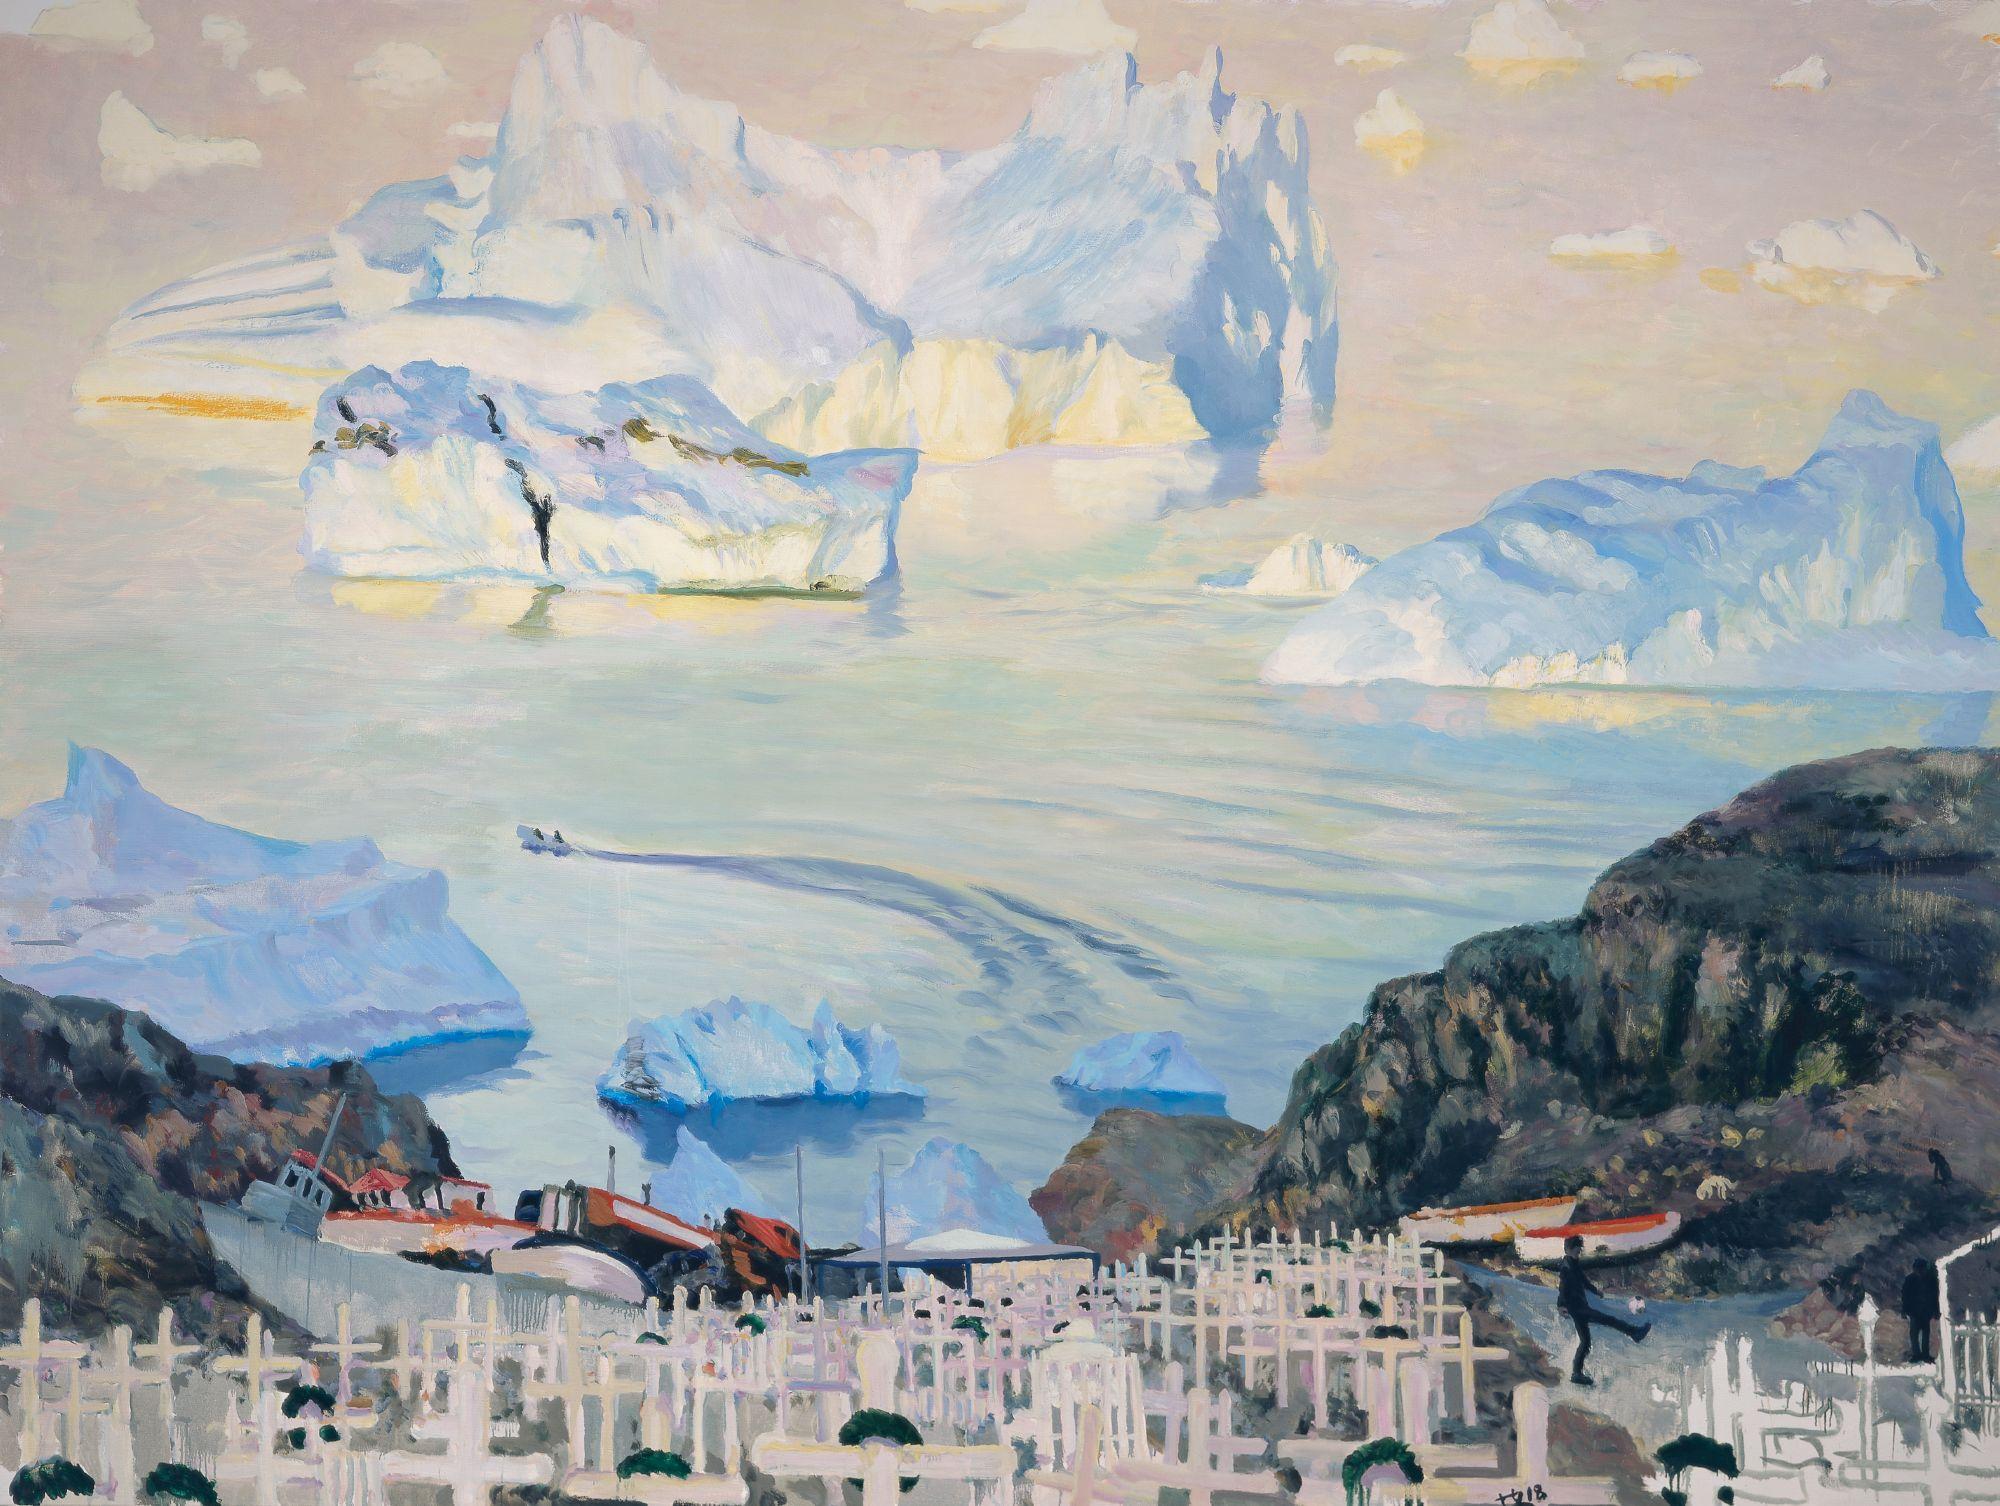 Liu Xiaodong, Smeltende isbjerg, 2018 (Olie på lærred, 300 x 400 cm). I kunstnerens eje © Xiaodong Studio, courtesy Faurschou Foundation.